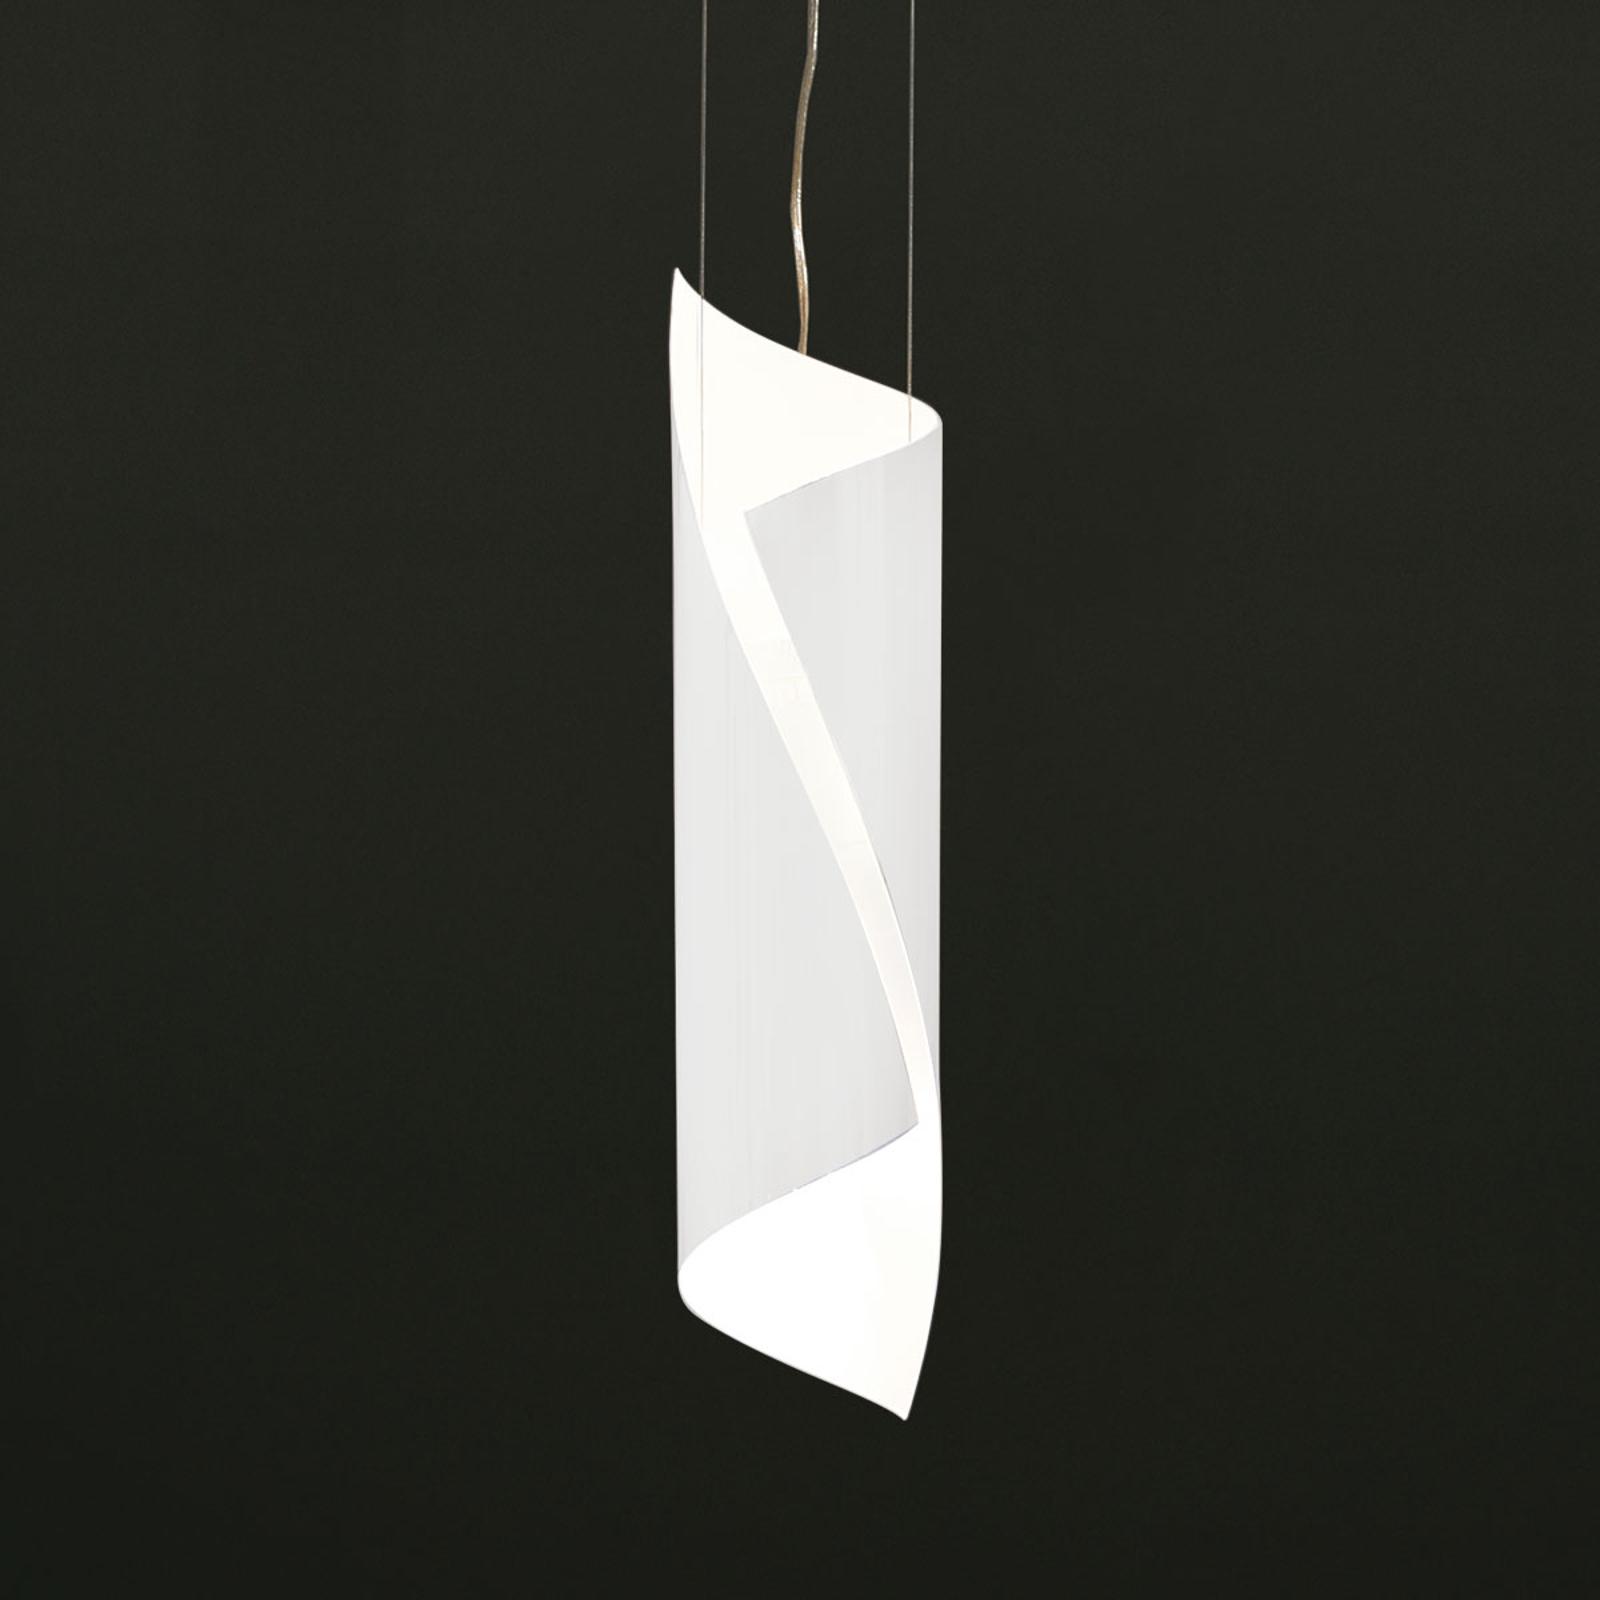 Knikerboker Hué - kleine gedrehte LED-Hängeleuchte